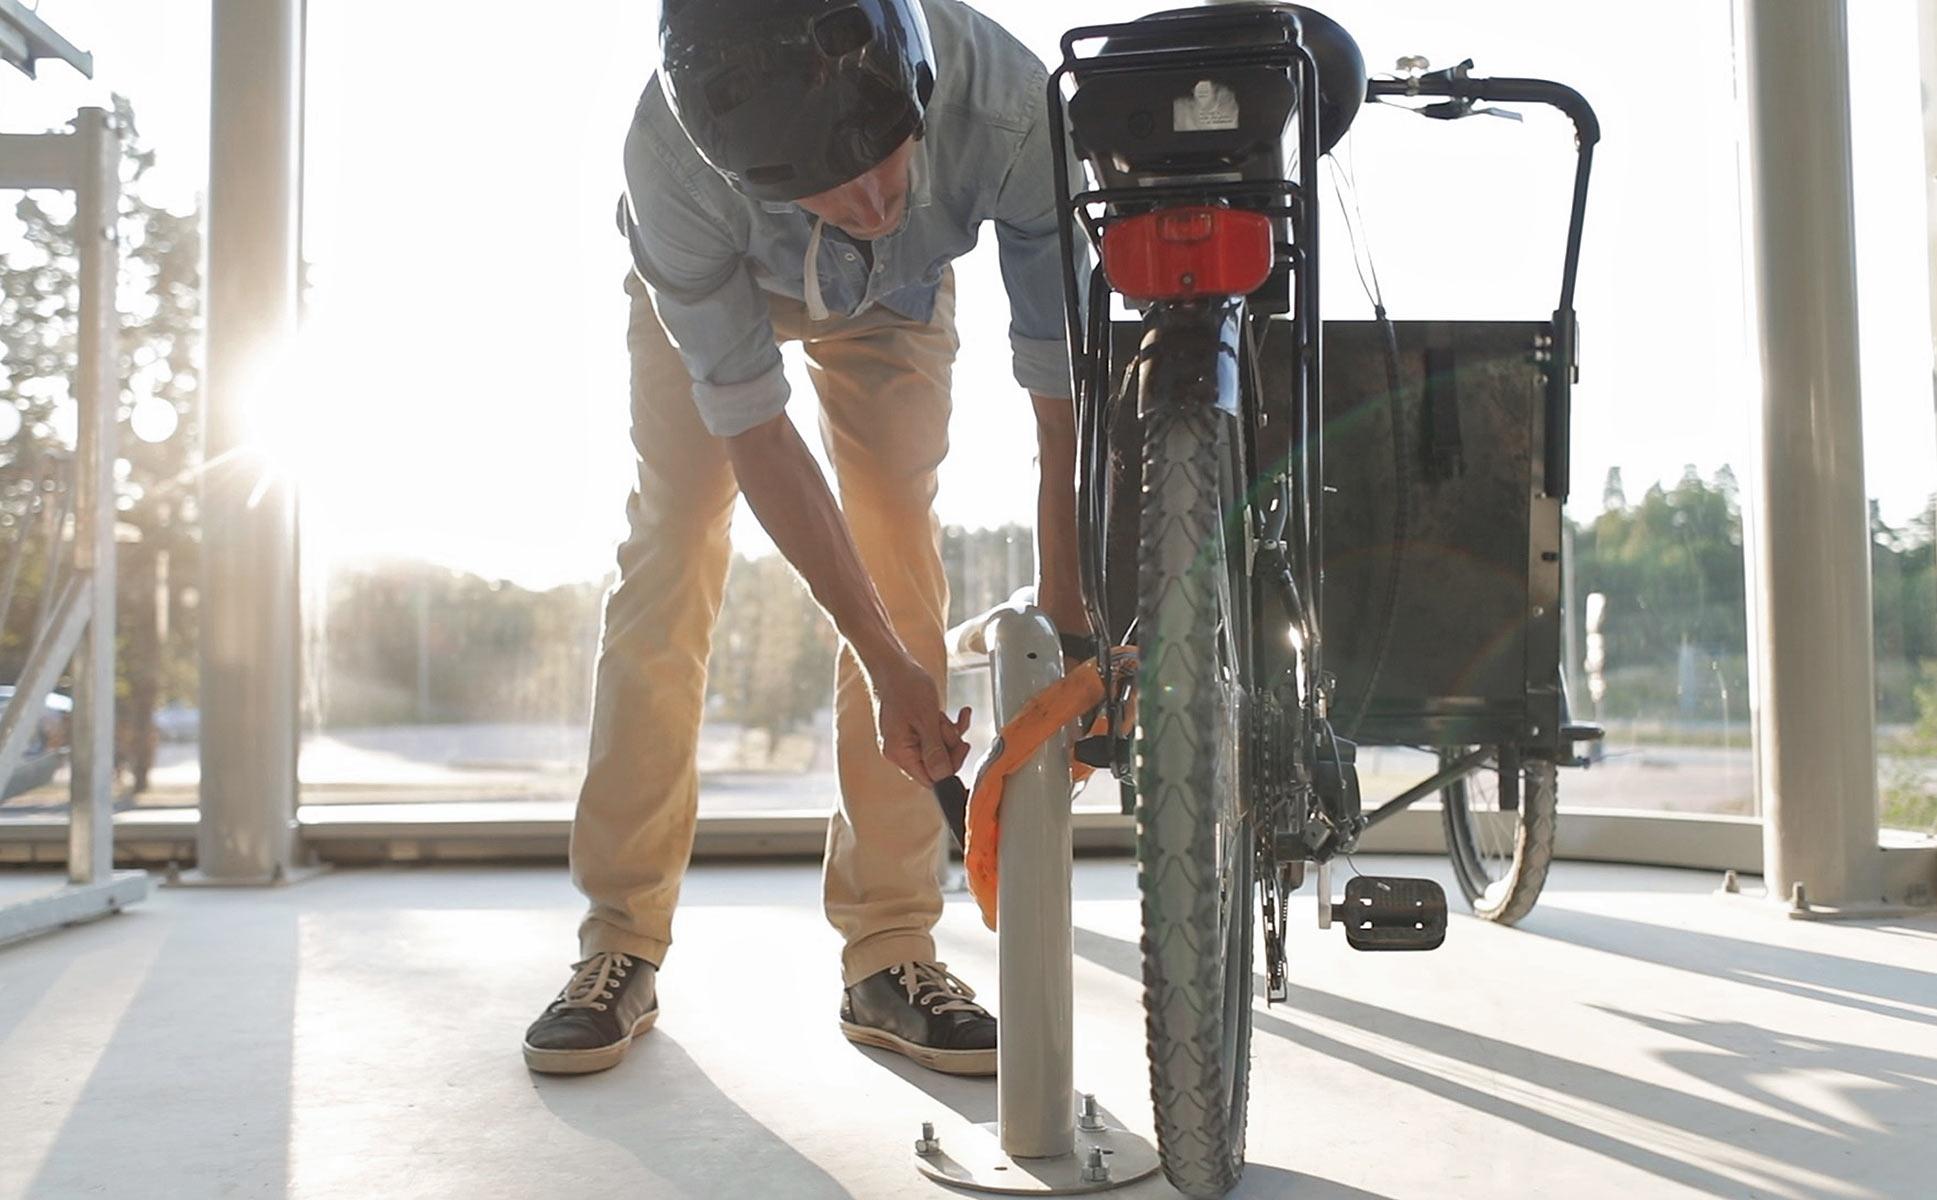 Cyklist låser lastcykel vid lastcykelparkering